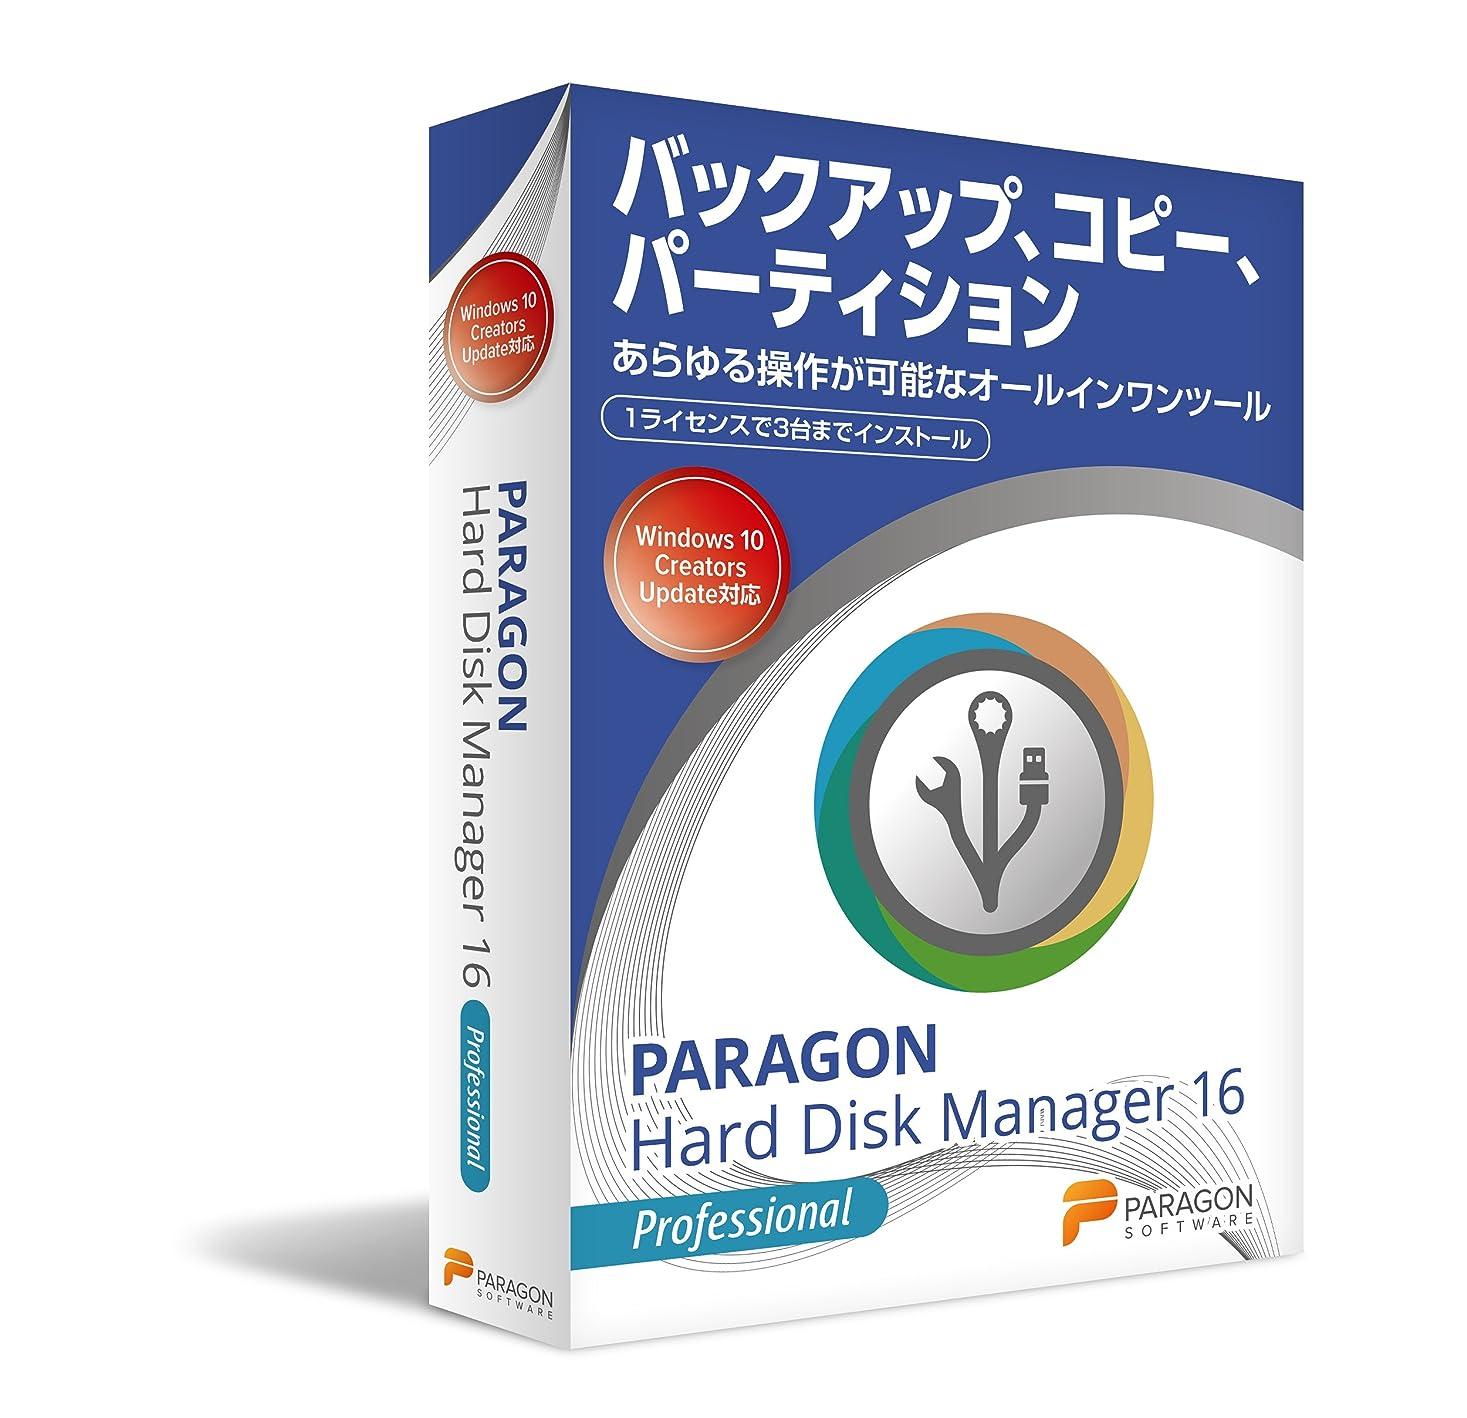 発見立法バイバイ【3台版】パラゴンソフトウェア Paragon Hard Disk Manager 16 Professional ガイド本付